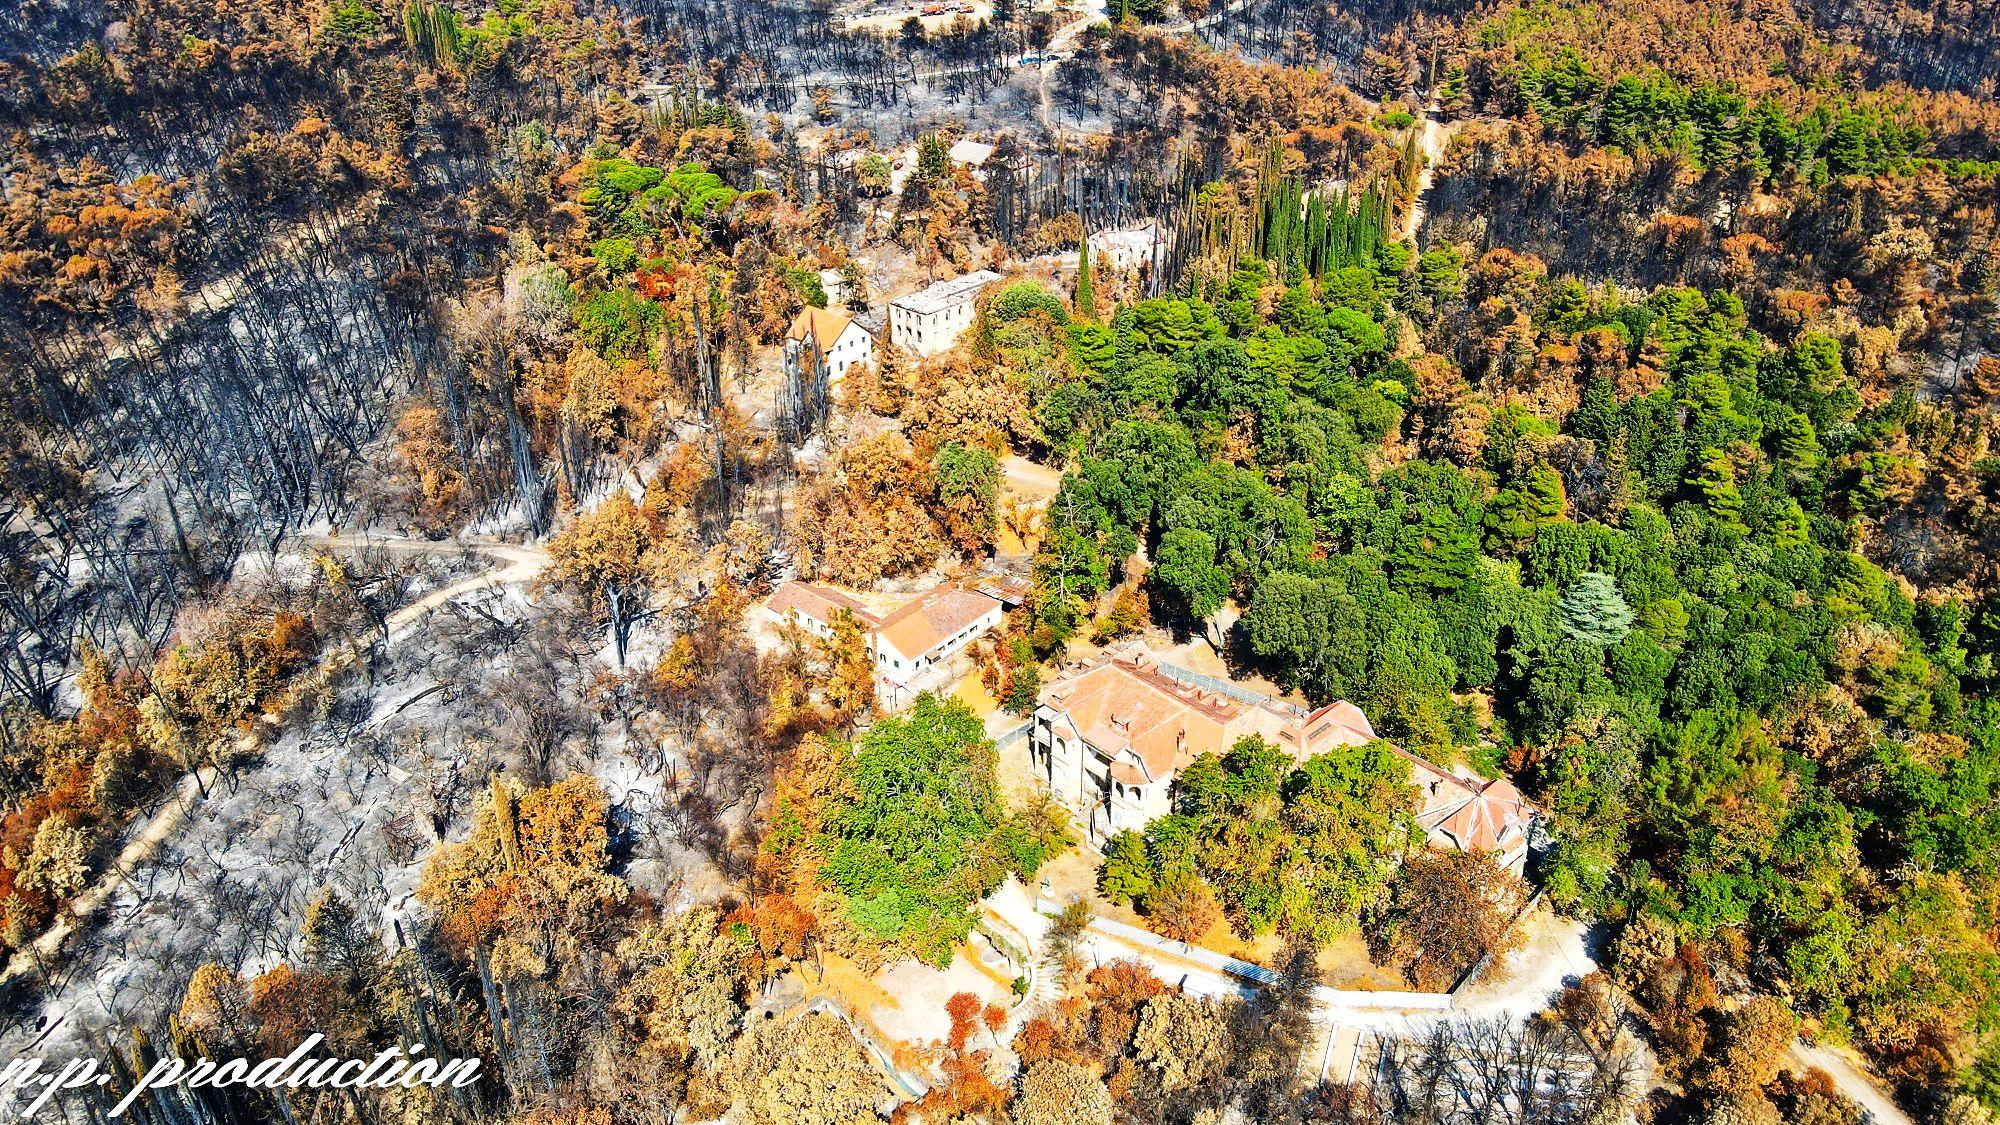 Το Τατόι μετά την καταστροφή. Δείτε συγκριτικές εικόνες από ψηλά και τι άλλαξε στο πρώην βασιλικό κτήμα (drone)